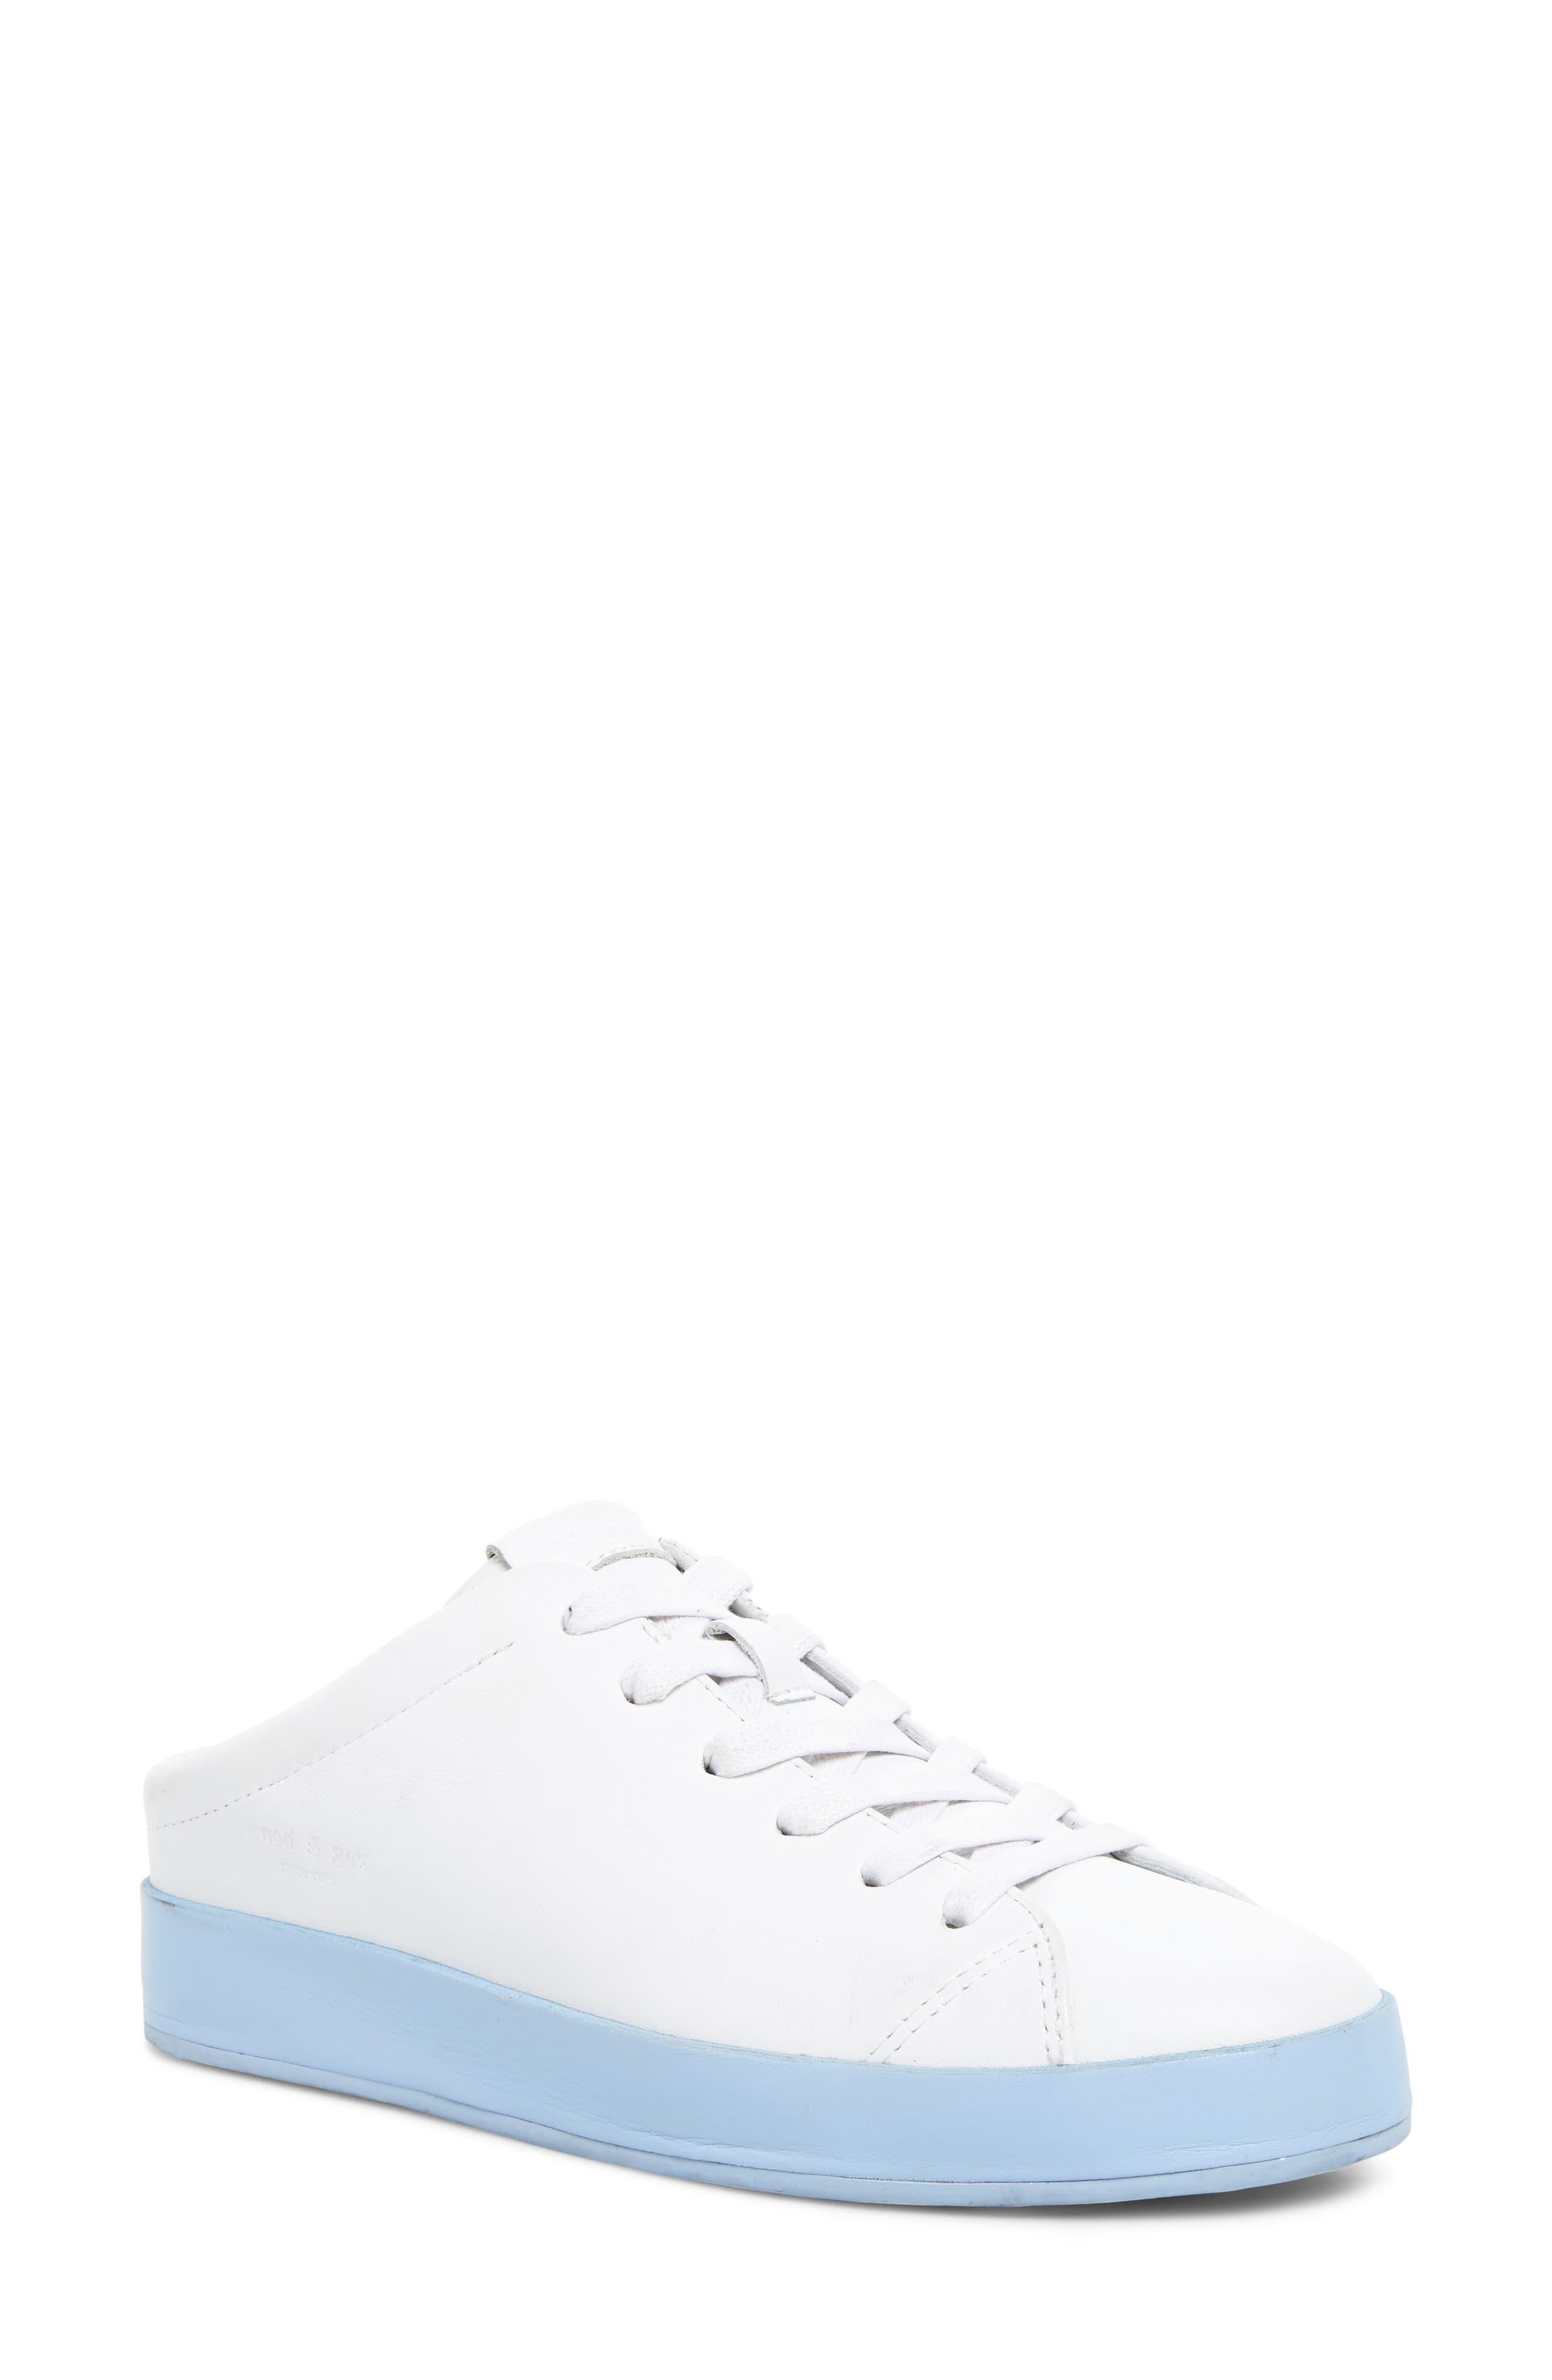 rag & bone RB1 Slip-On Sneaker (Women)